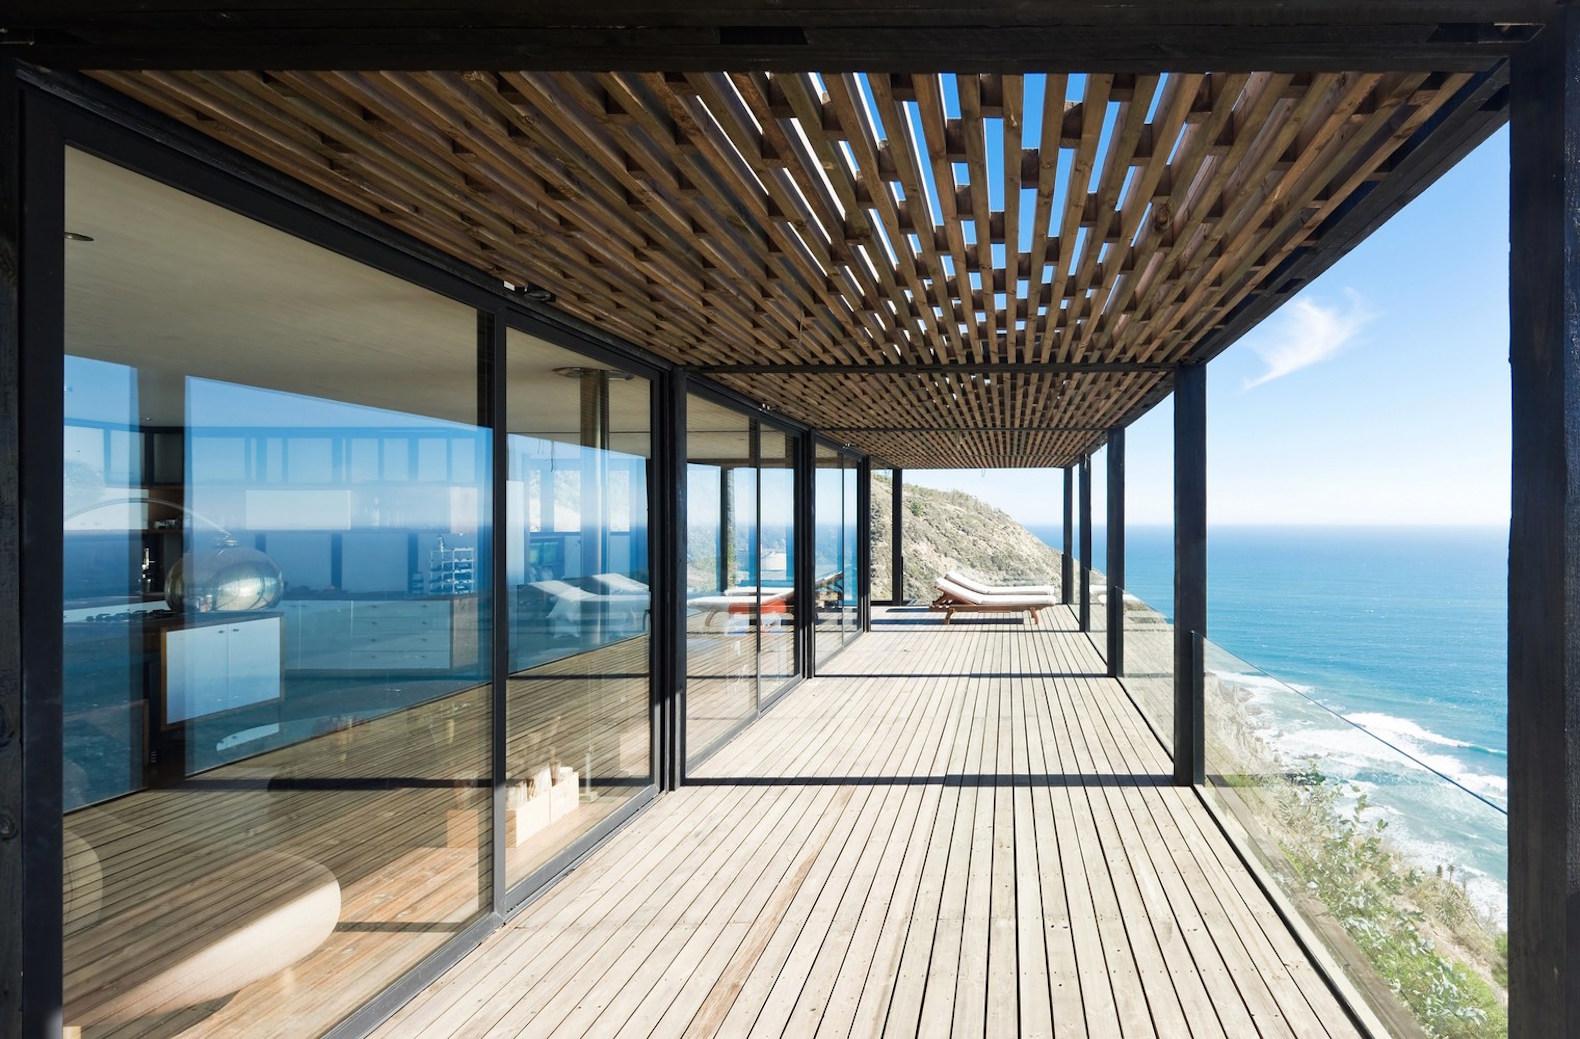 till-house-by-wmr-arquitectos-9